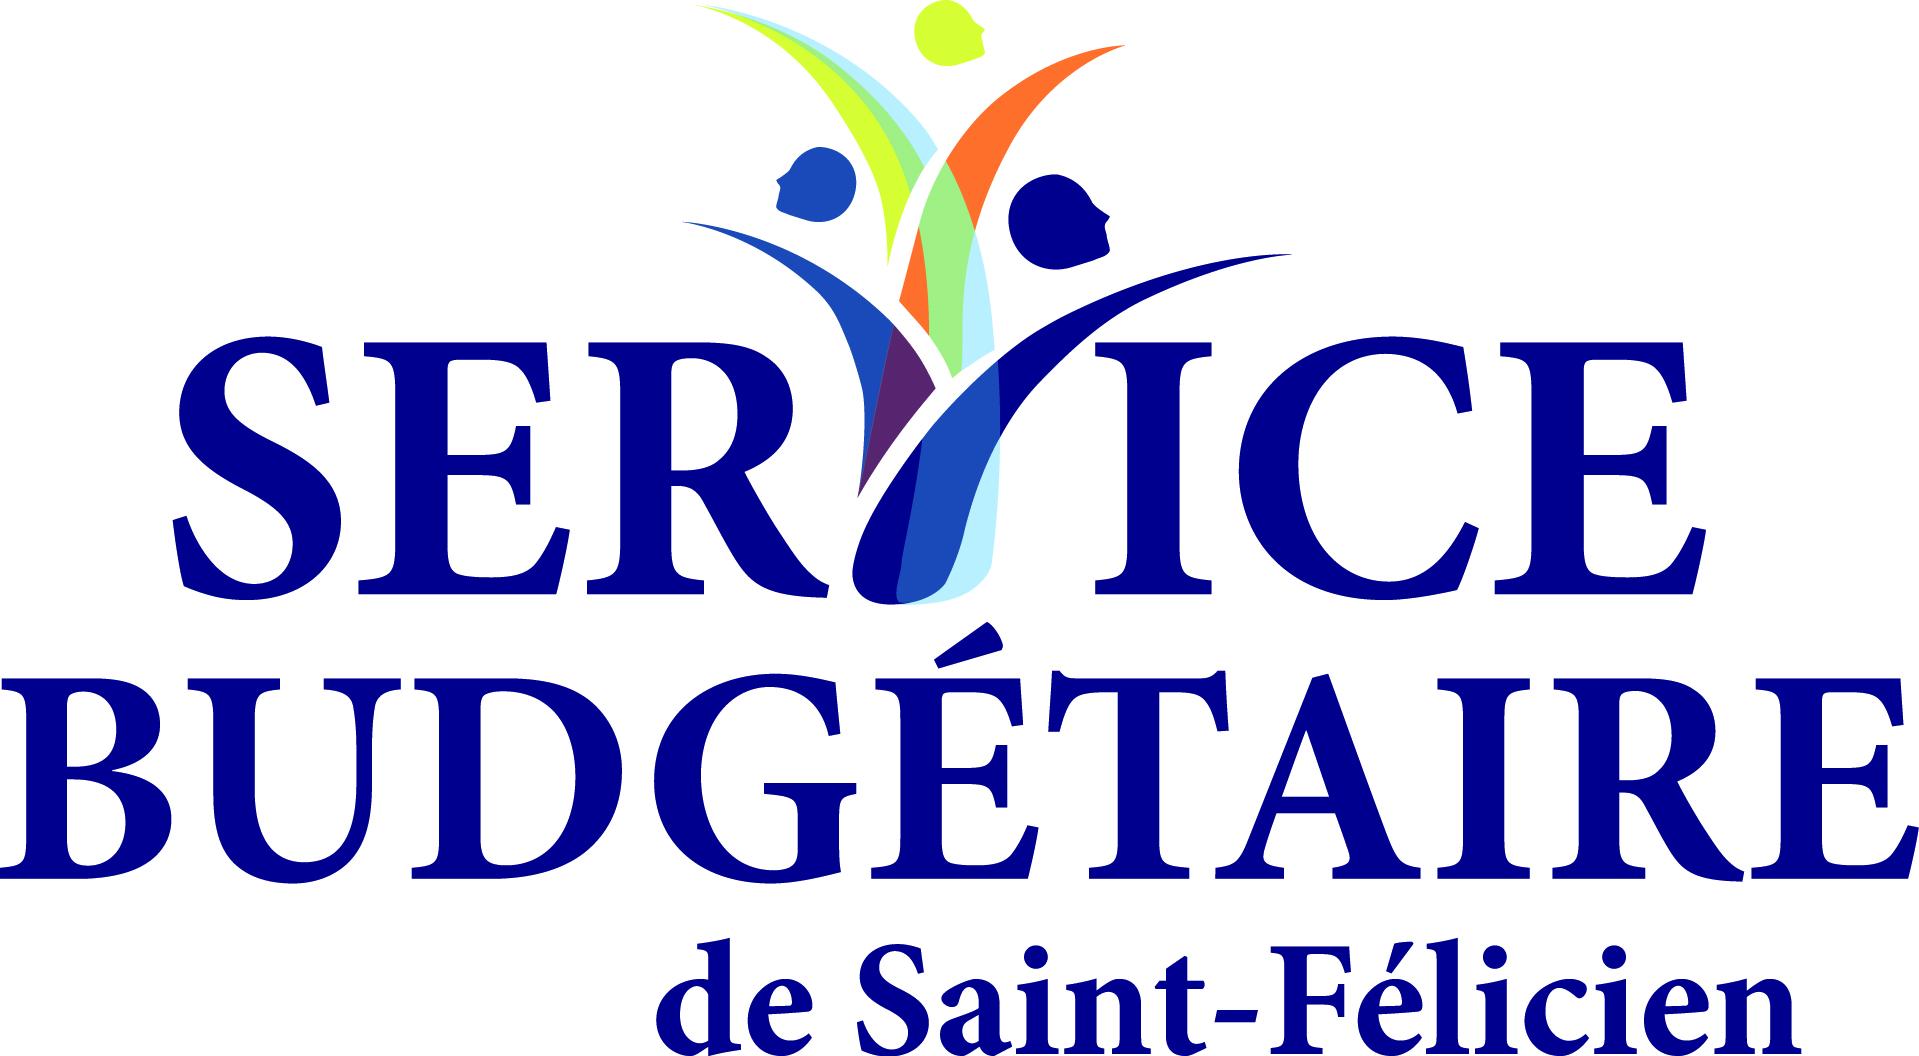 logo de Service budgétaire de Saint-Félicien